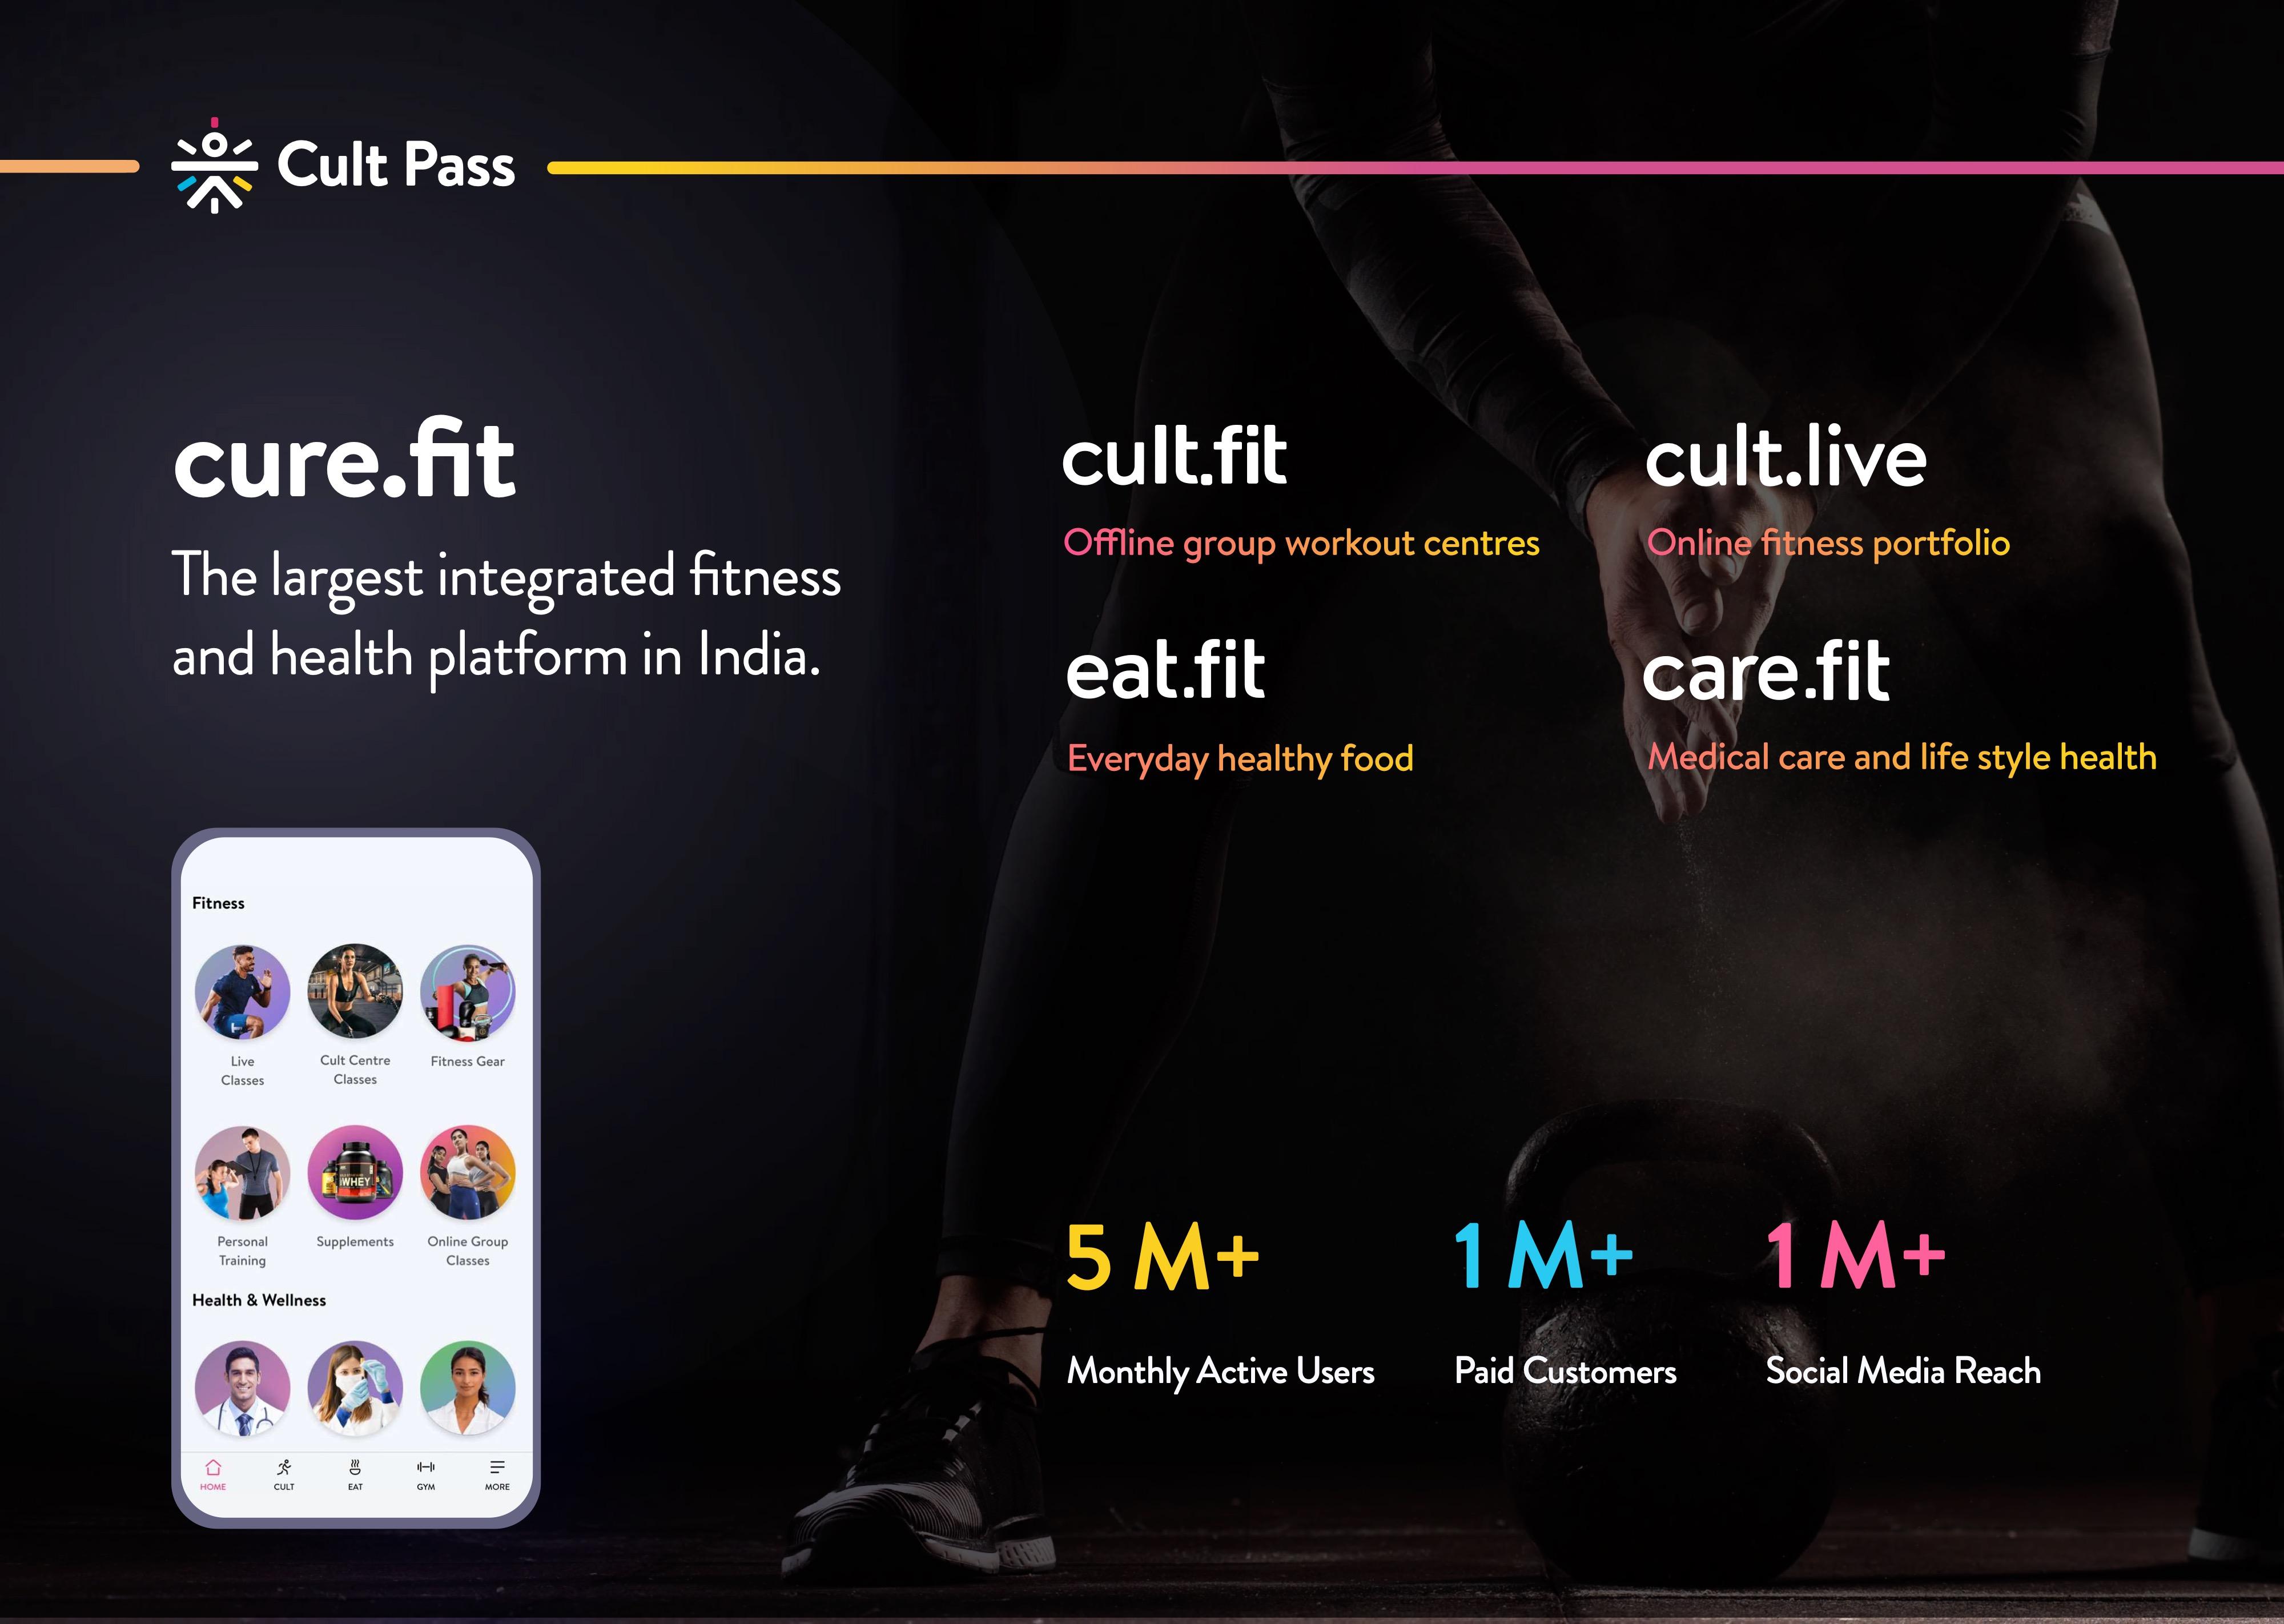 curefit introduction